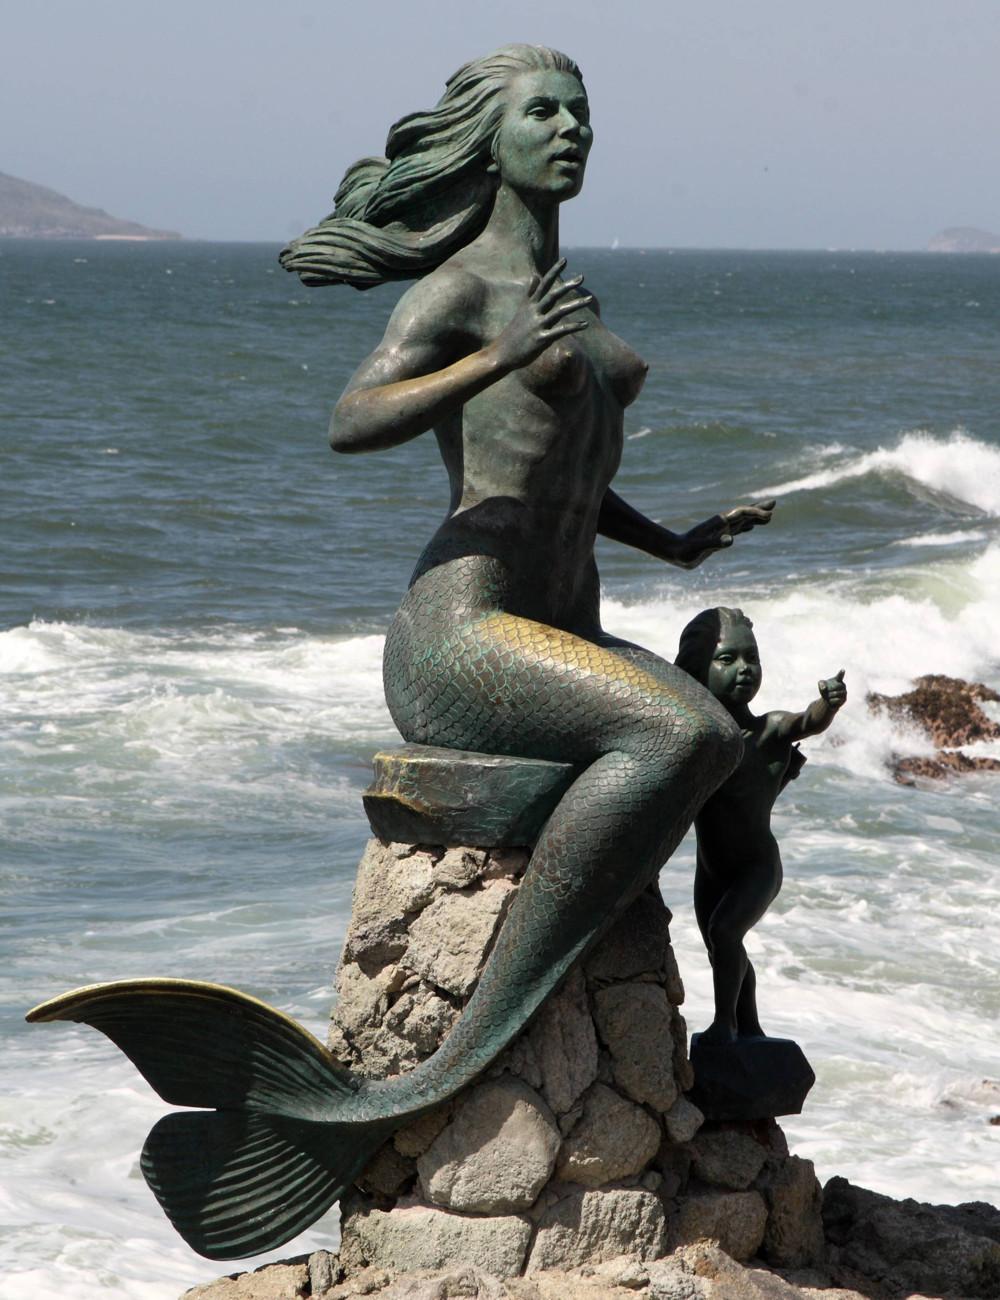 mermaid sculptures Gallery